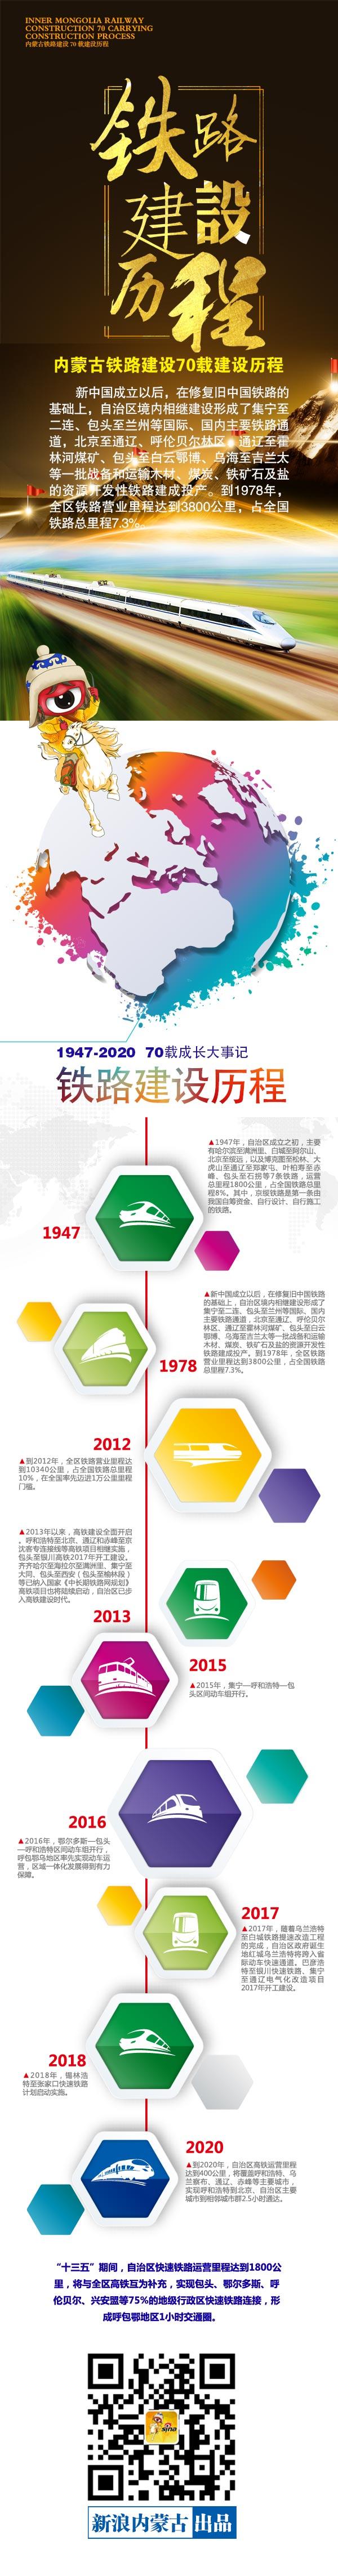 内蒙古铁路建设70载建设历程